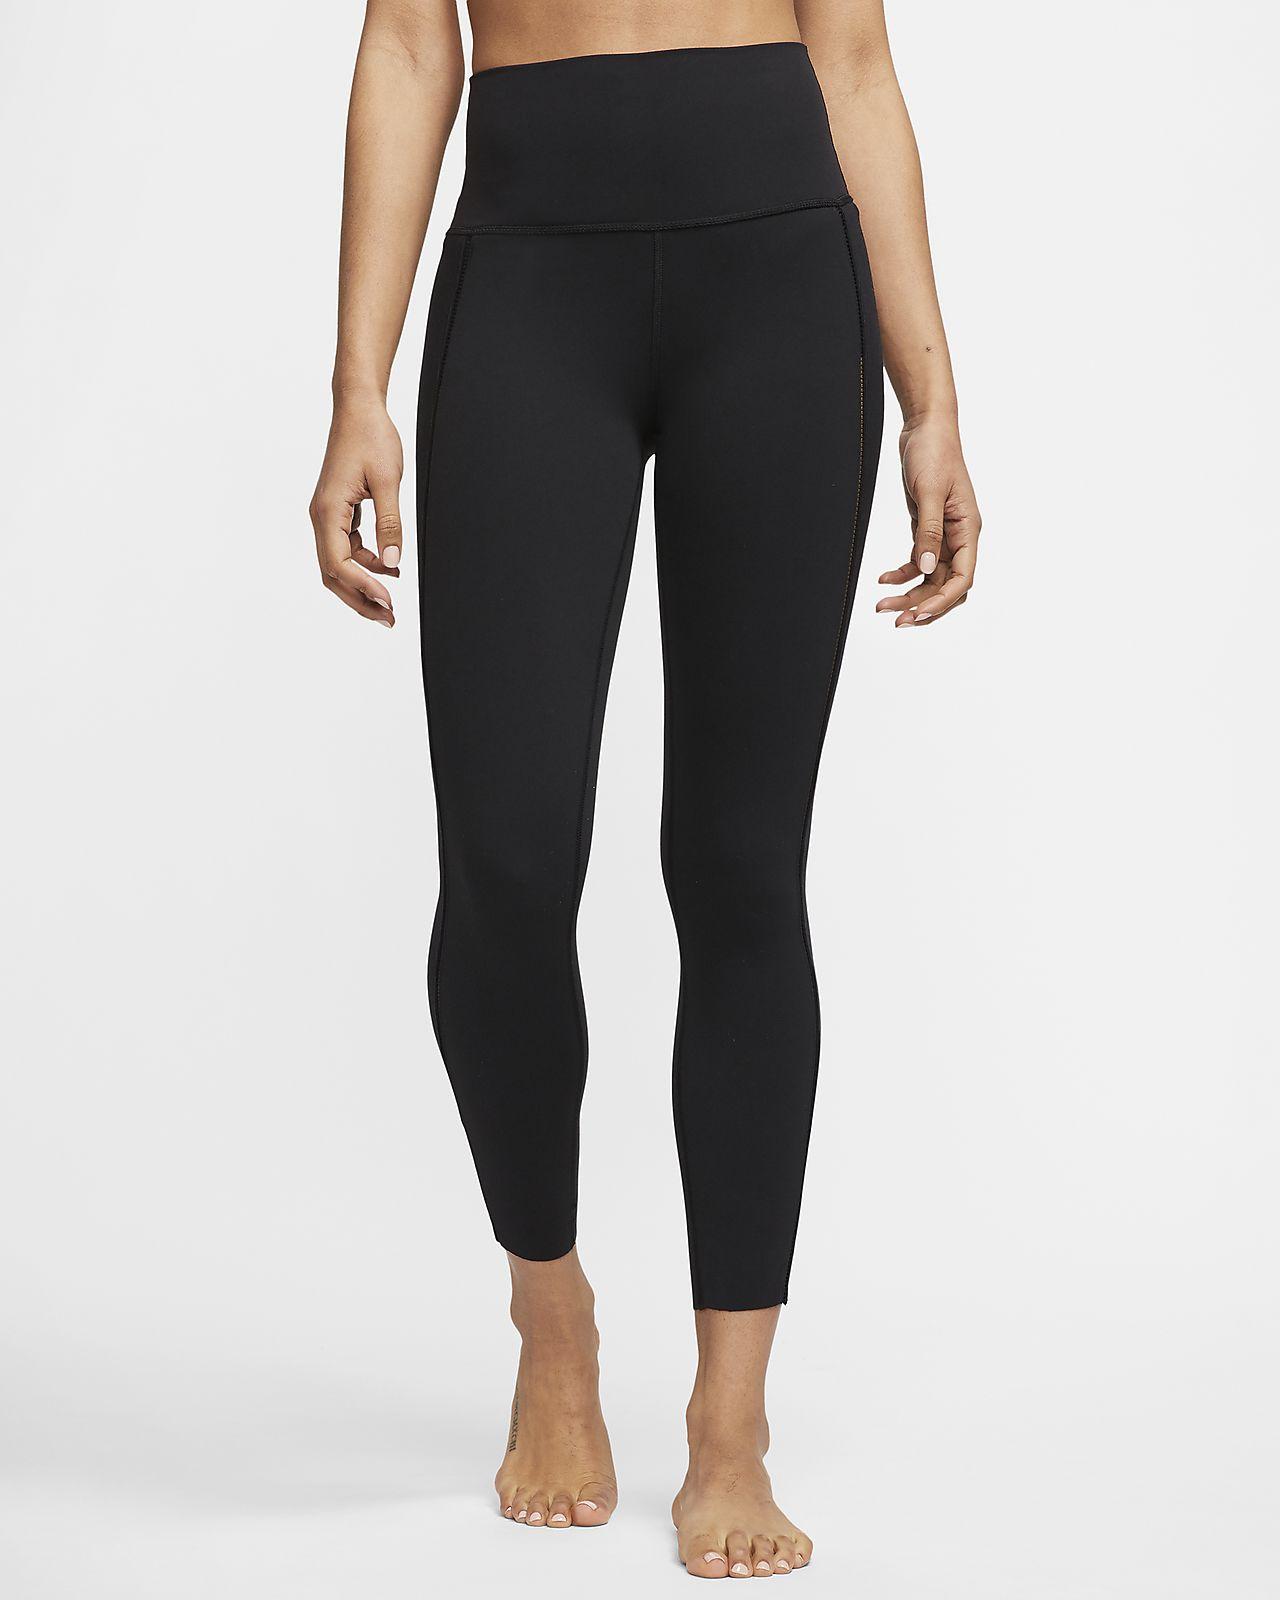 Γυναικείο κολάν Infinalon 7/8 σε ριμπ ύφανση Nike Yoga Luxe